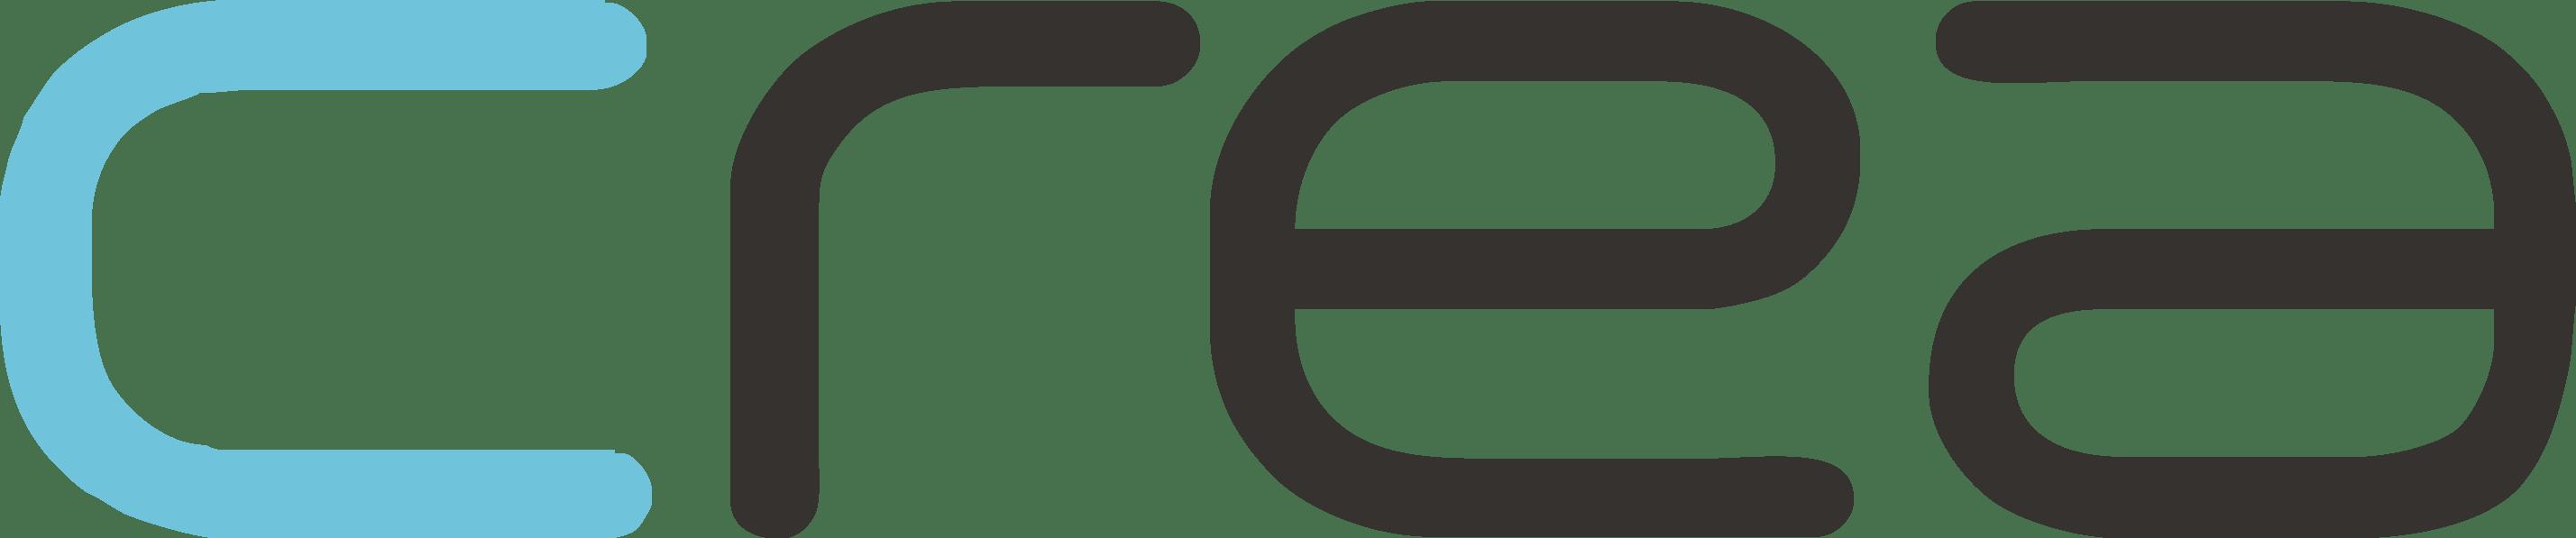 Crea Logo png